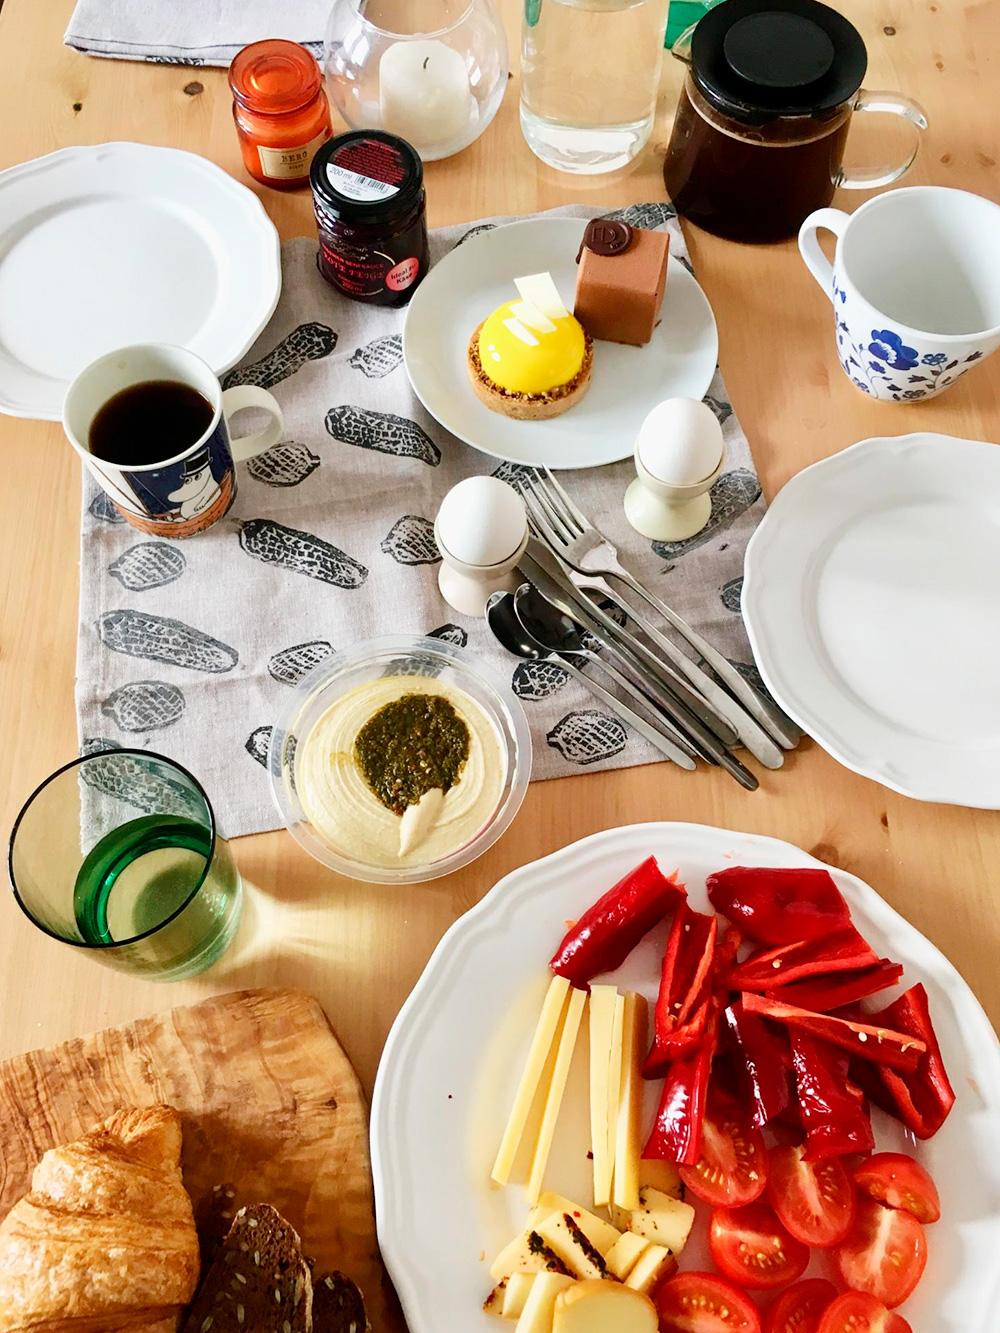 В присутствии бойфренда культура завтраков в доме сильно повышается